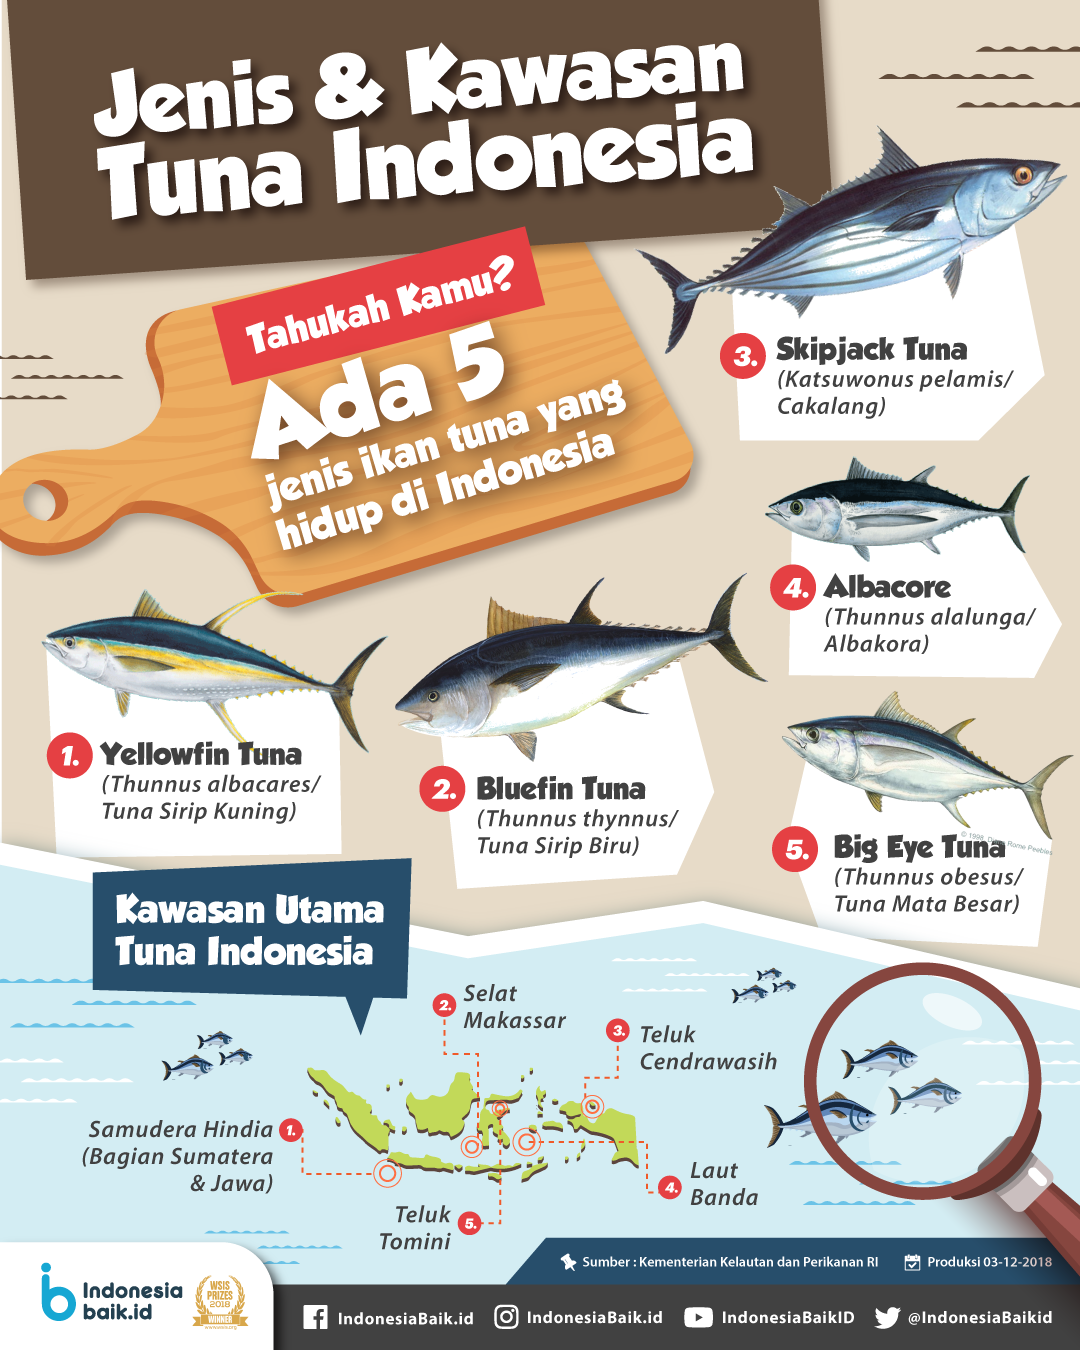 Jenis & Kawasan Tuna Indonesia